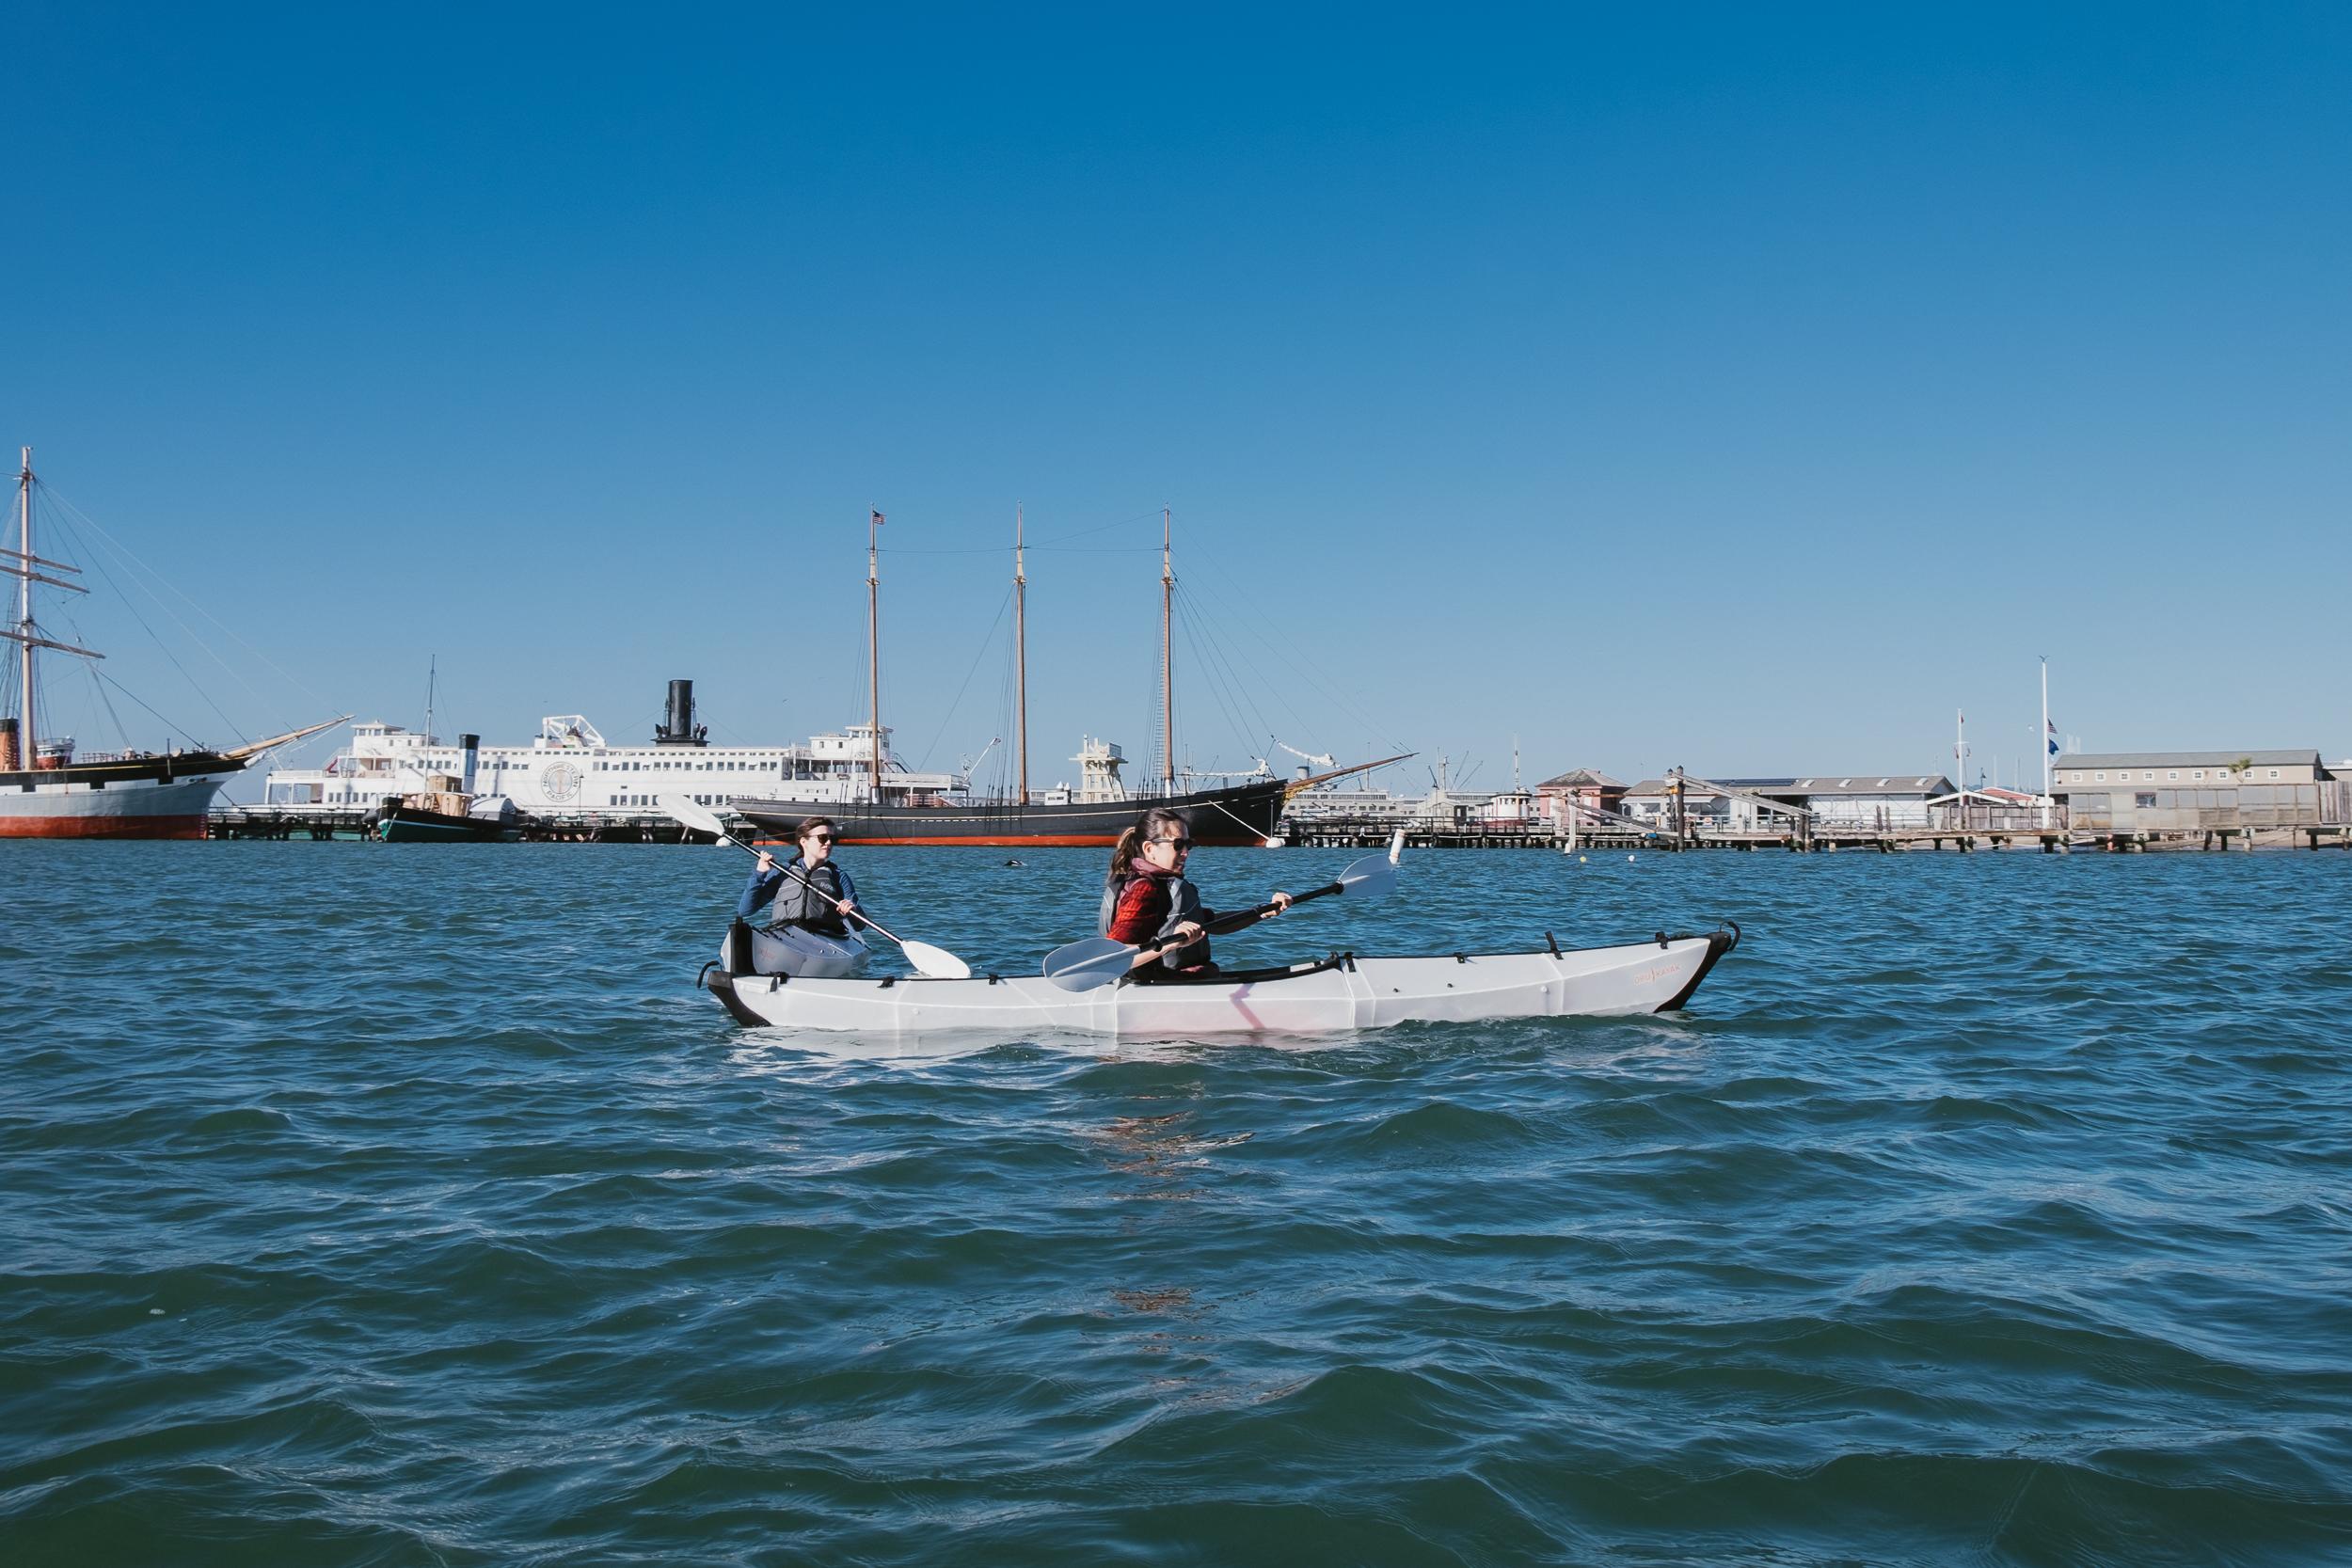 oru-kayak-she-explores-vivianchen-0005.jpg